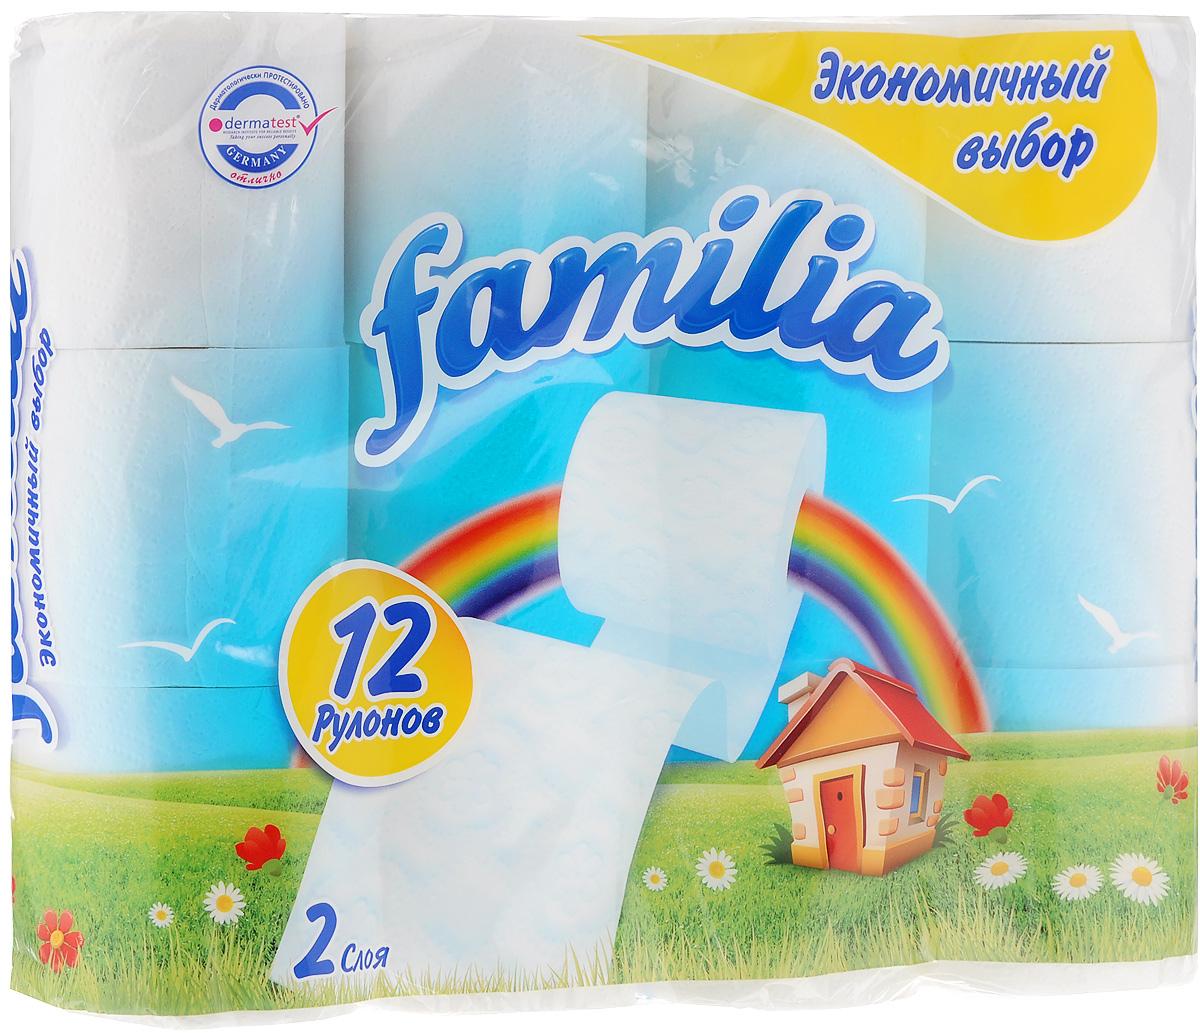 Бумага туалетная Familia Радуга, двухслойная, 12 рулонов8264Двухслойная туалетная бумага Familia Радуга изготовлена из вторичного сырья (переработанной бумаги) и целлюлозы.Мягкая, нежная, но в тоже время прочная, бумага не расслаивается и отрывается строго по линии перфорации. Количество рулонов: 12 шт.Длина одного рулона: 16,9 м.